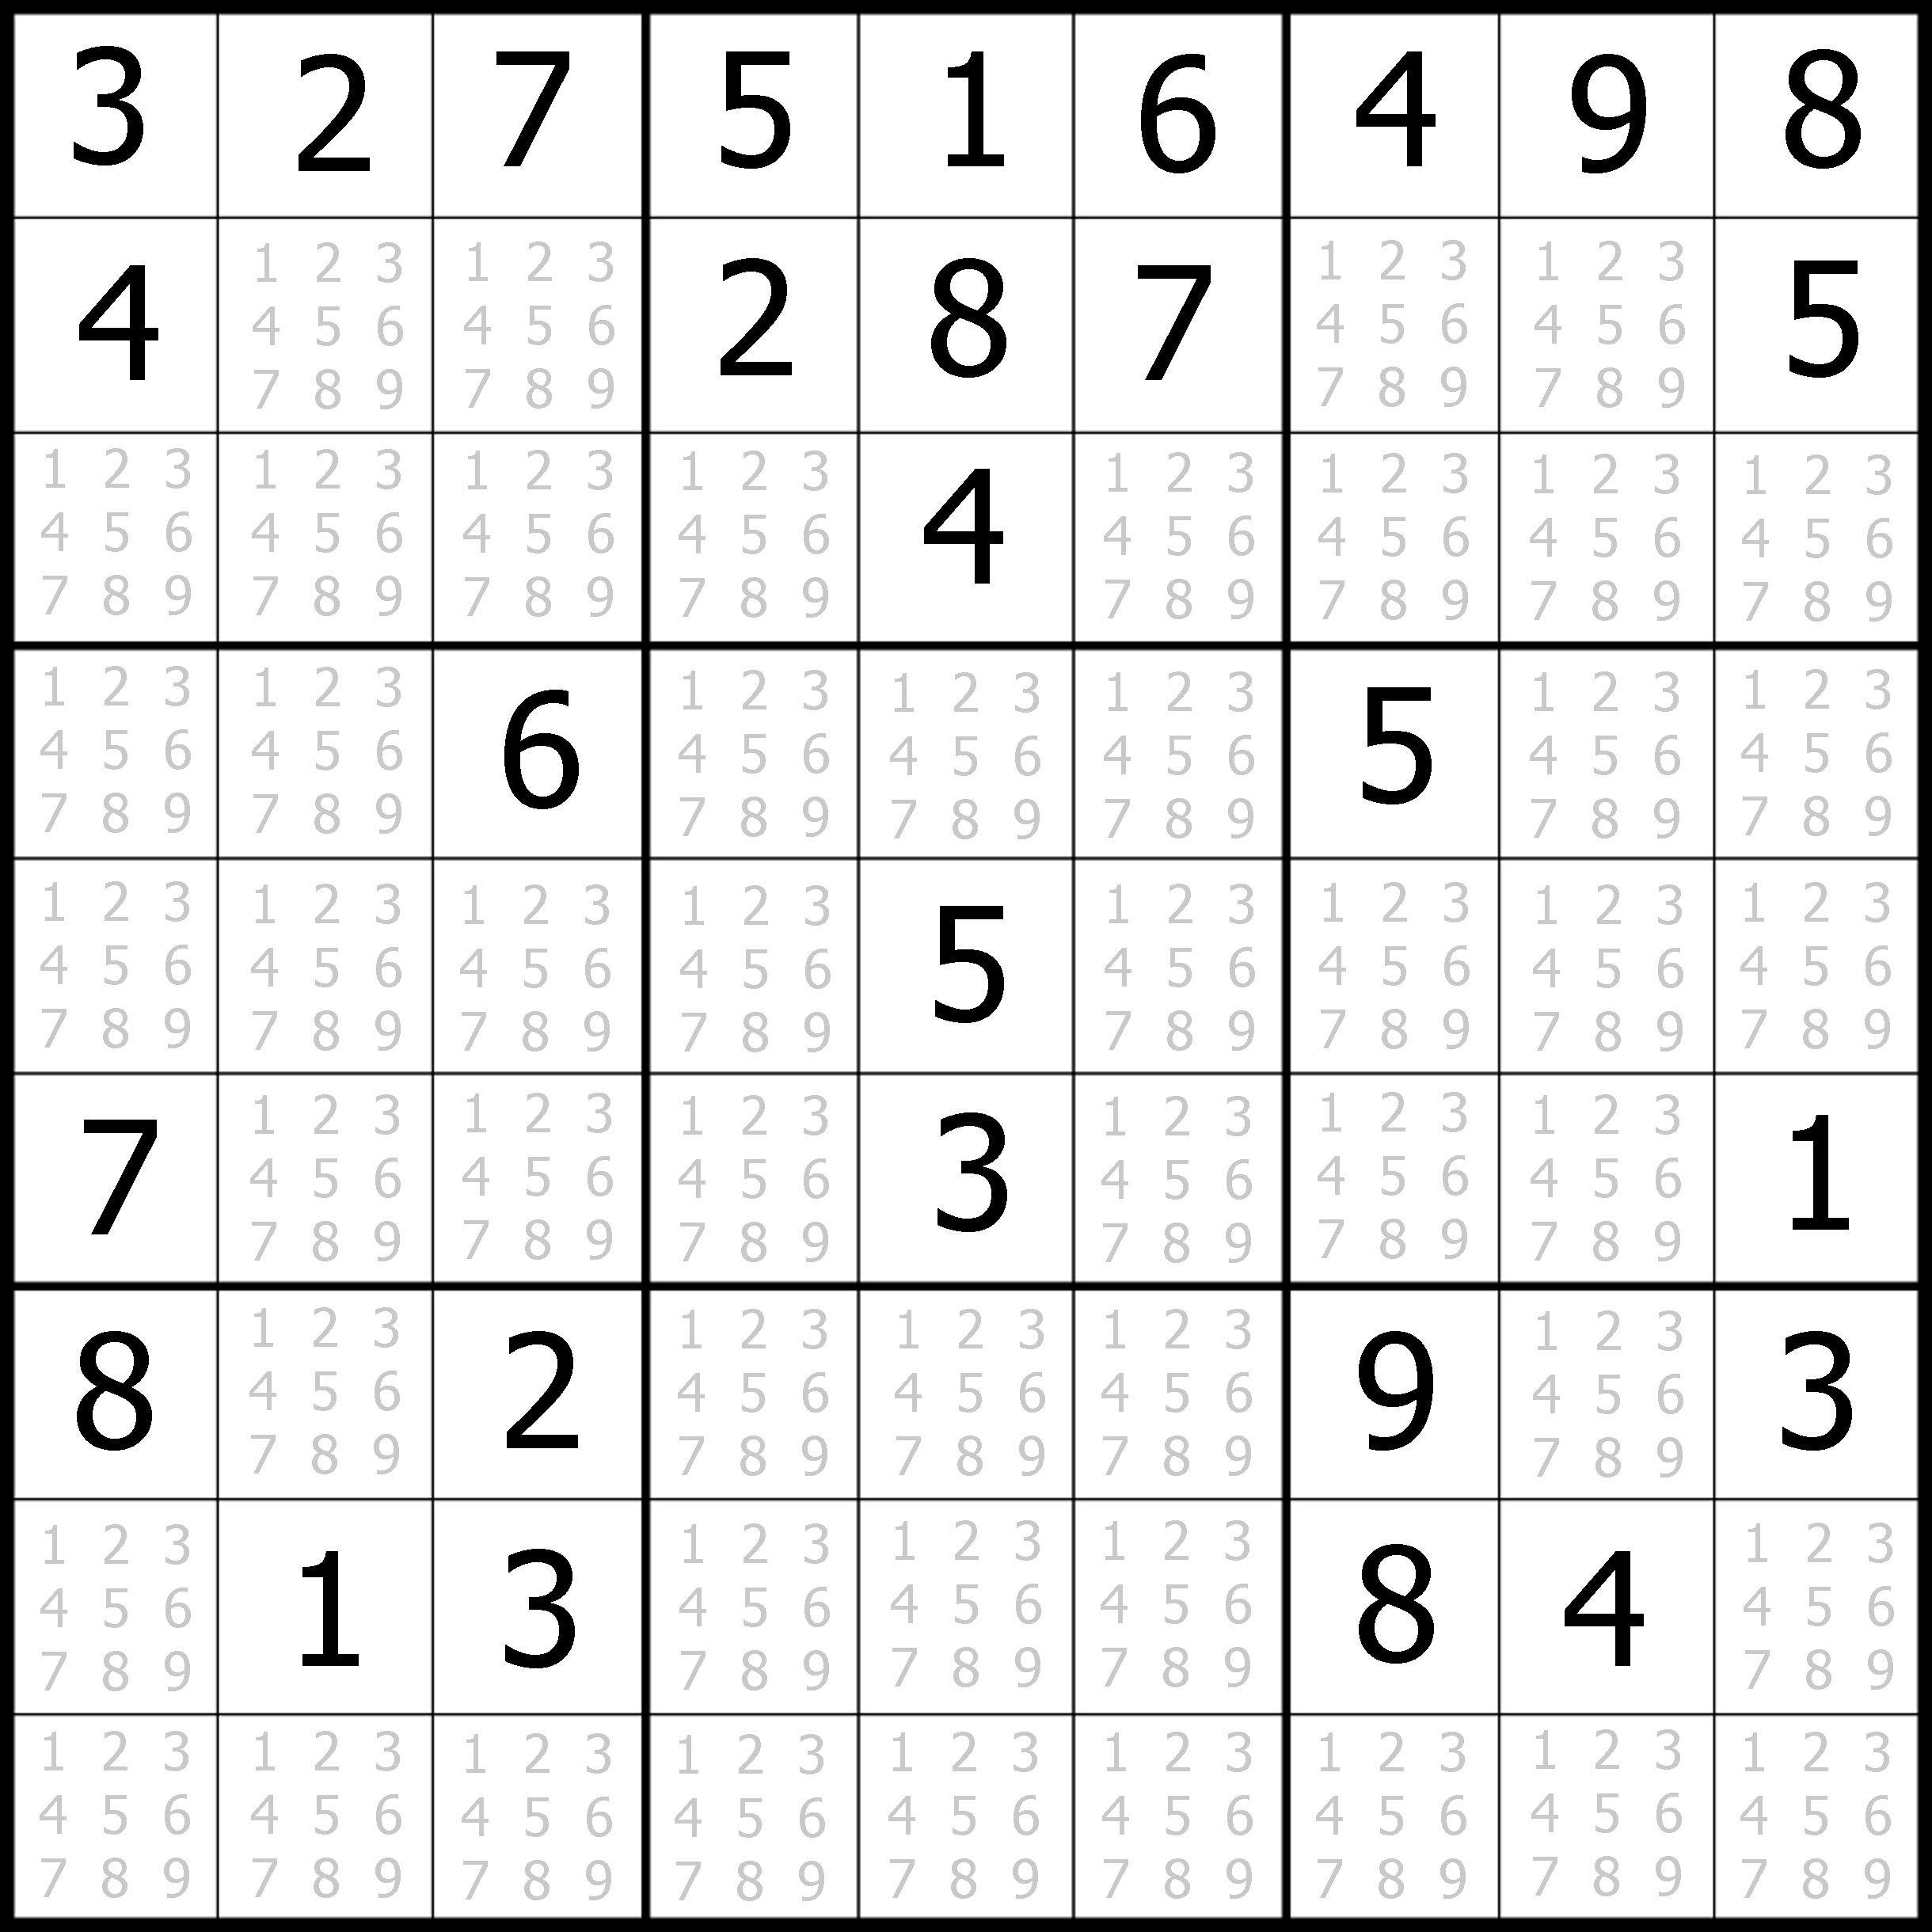 Sudoku Printable | Free, Medium, Printable Sudoku Puzzle #1 | My - Printable Sudoku Puzzle Easy